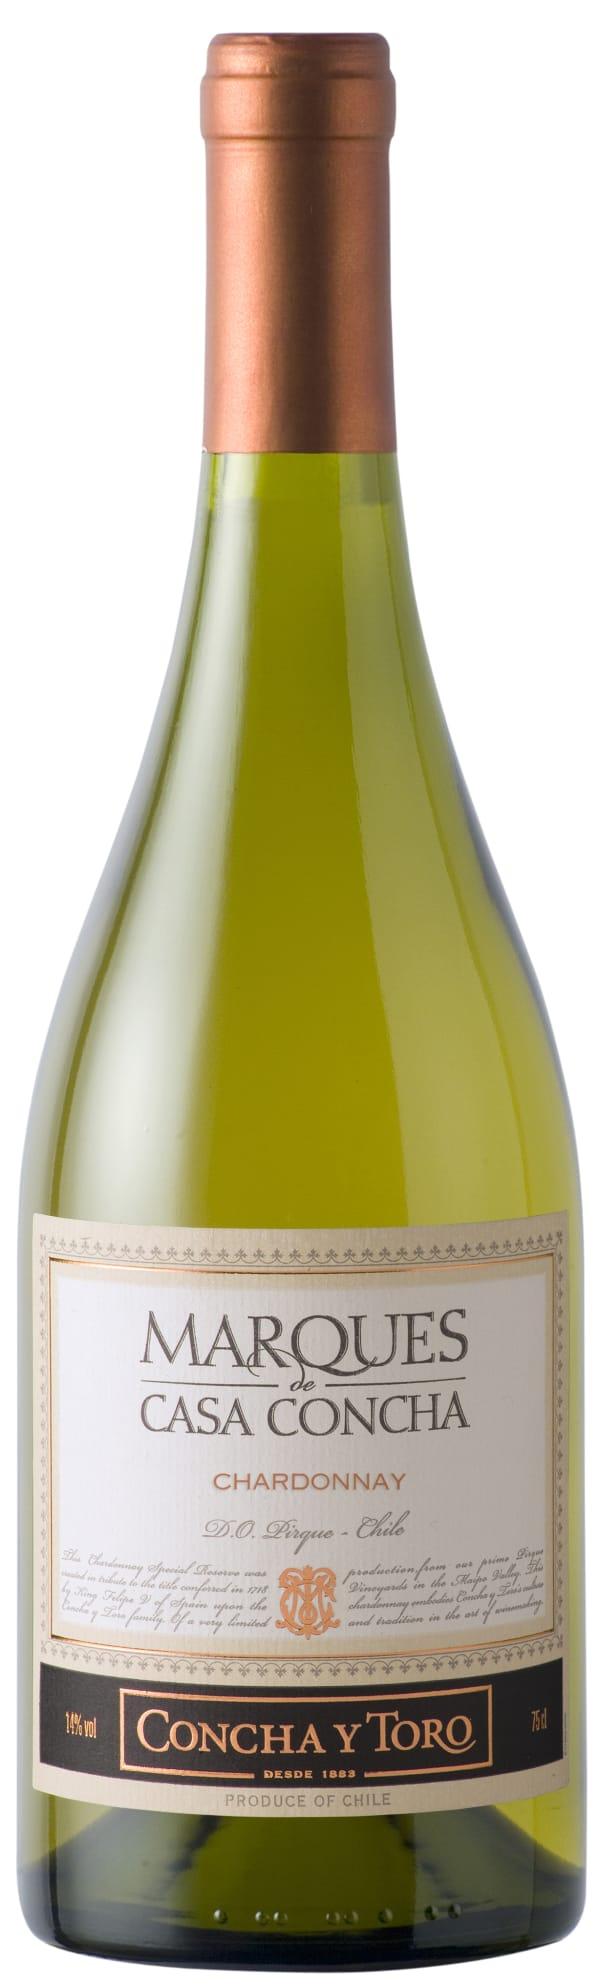 Marques de Casa Concha Chardonnay 2016